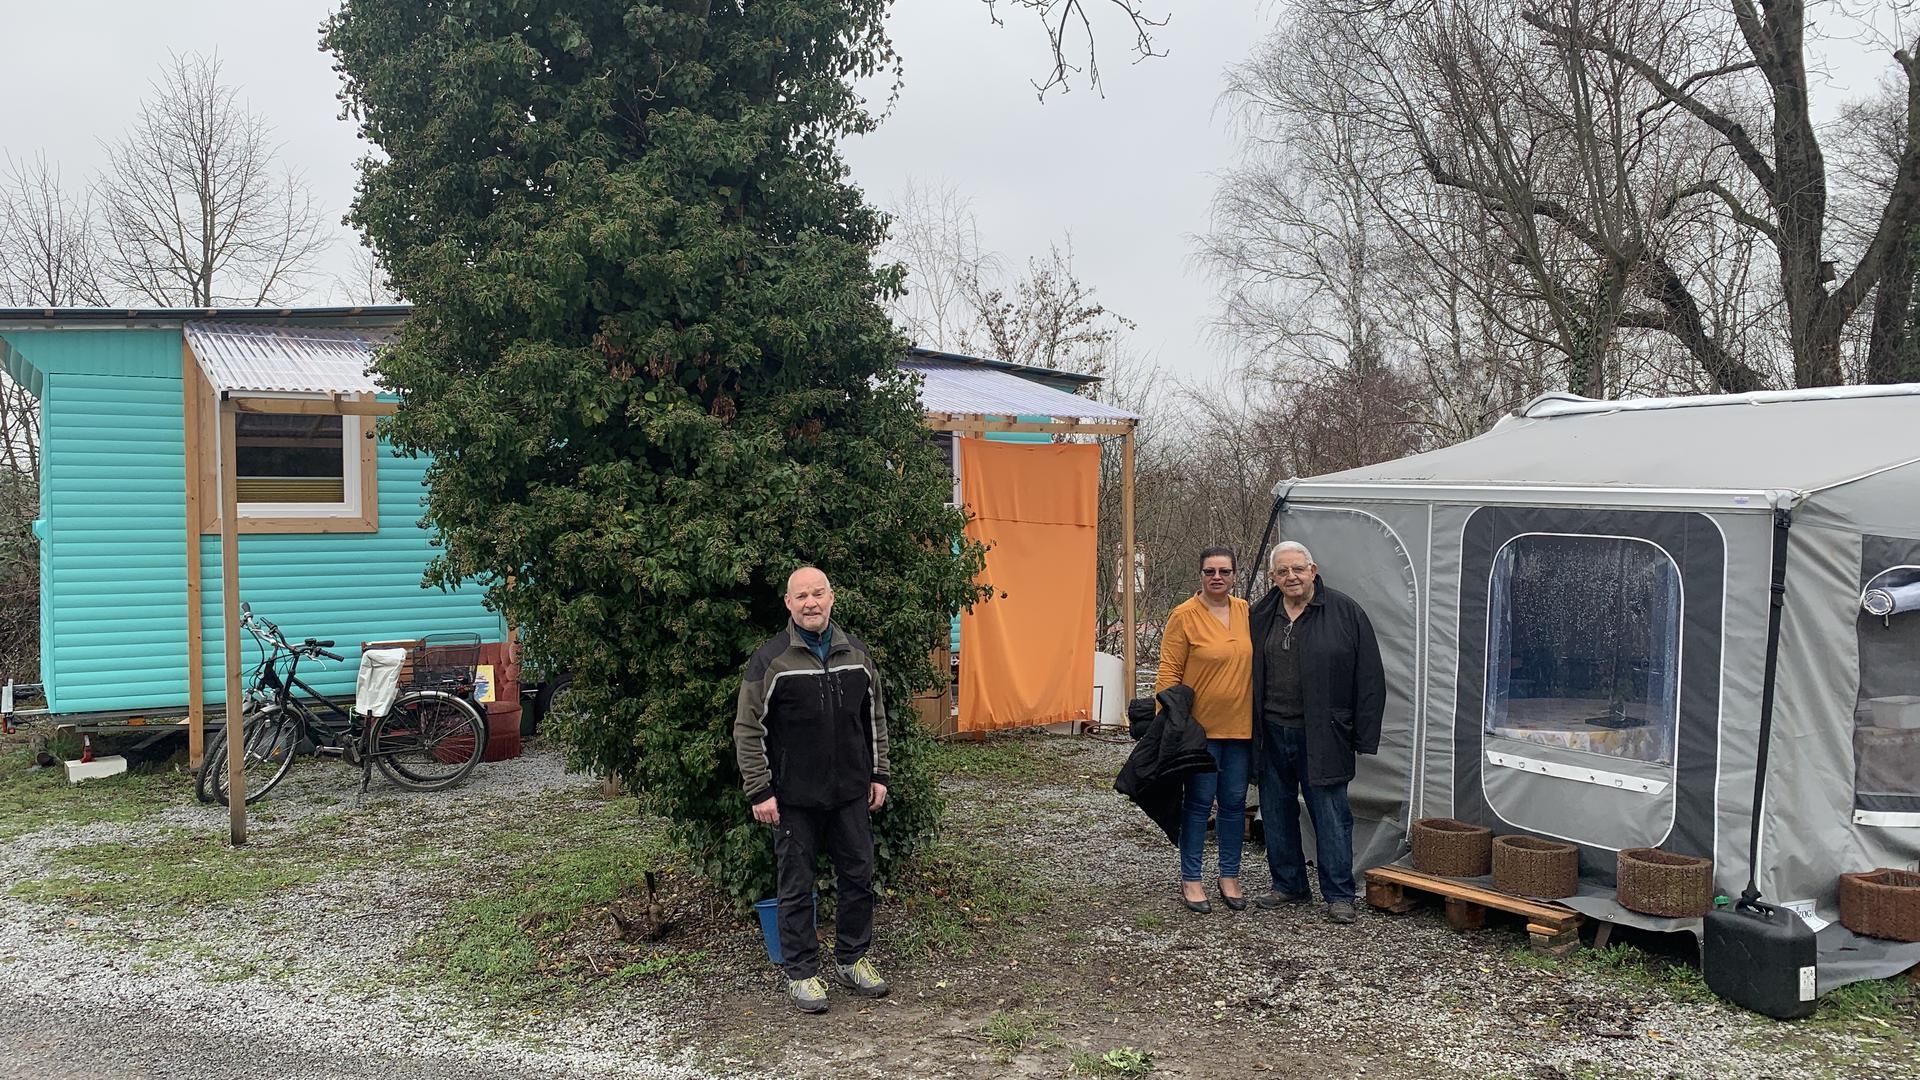 NaturFreunde-Vorstand Norbert Zoz (links) steht mit Salvatore Sanfratello und dessen Lebensgefährtin auf dem Campingplatz.